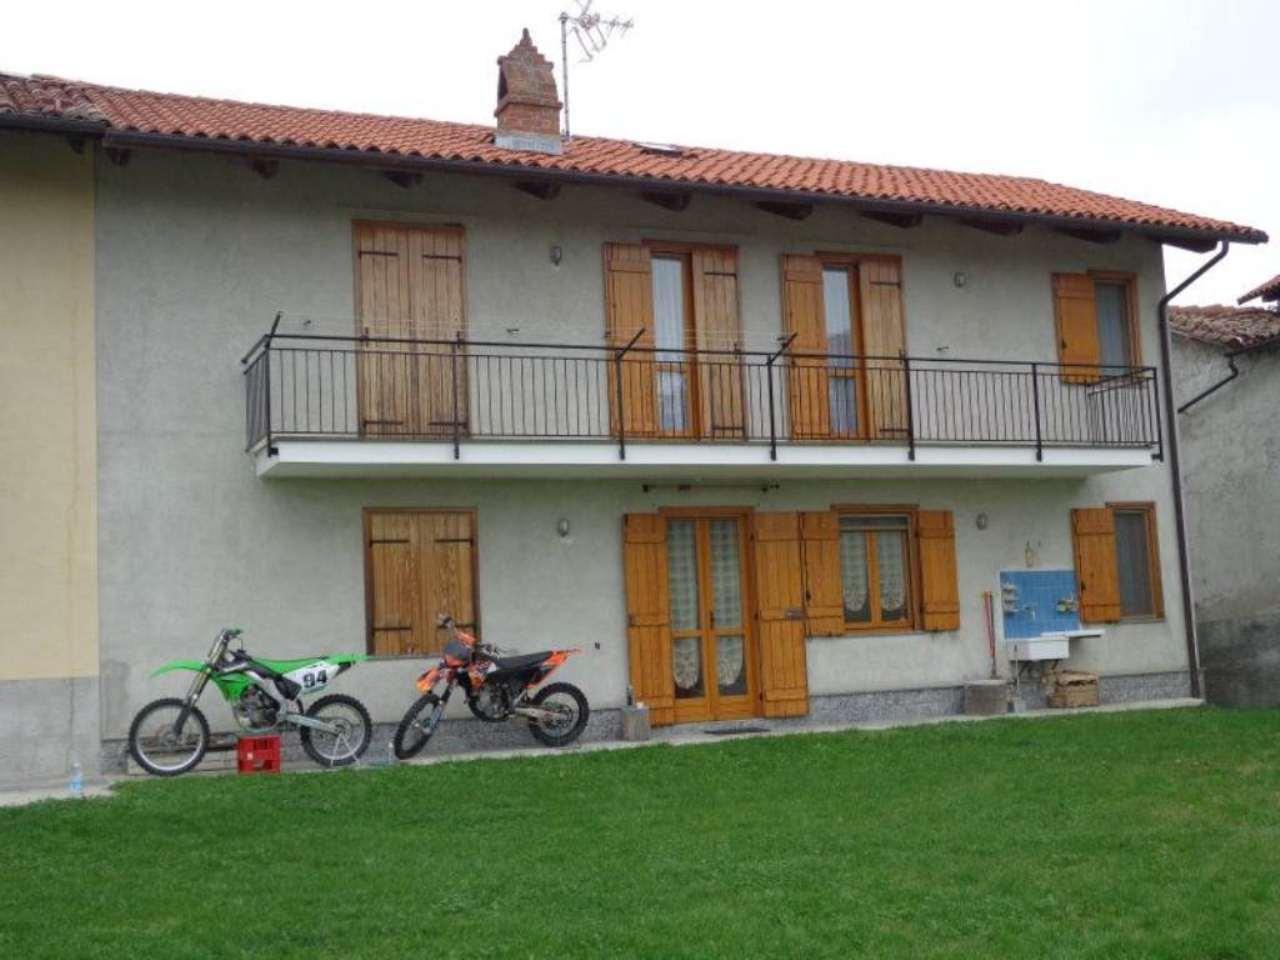 Foto 1 di Casa indipendente Frazione Rocca, Montiglio Monferrato